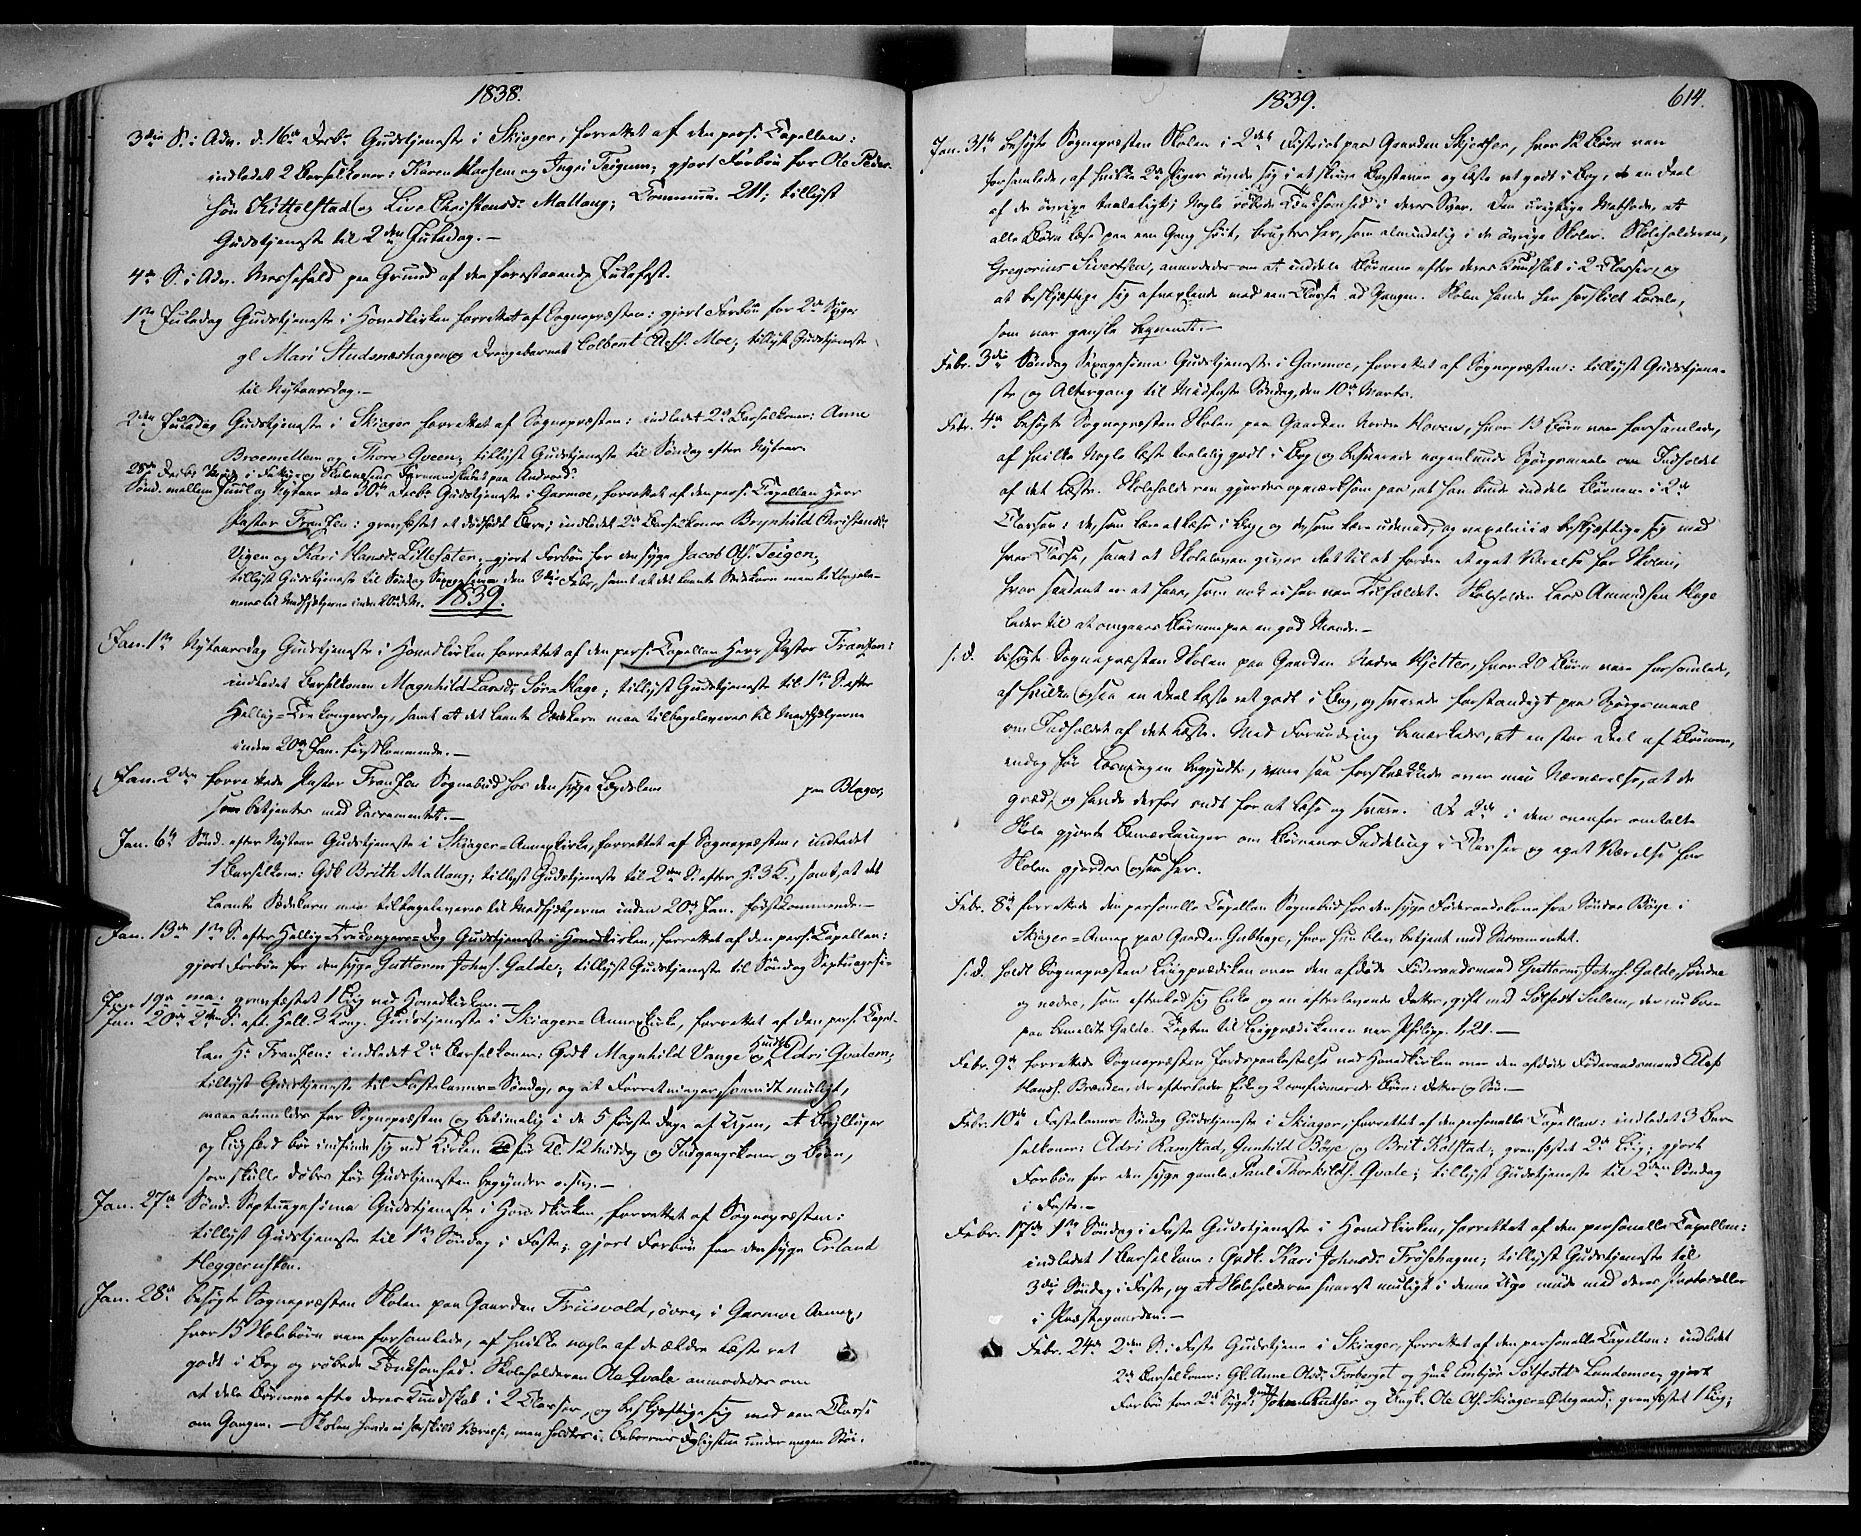 SAH, Lom prestekontor, K/L0006: Ministerialbok nr. 6B, 1837-1863, s. 614